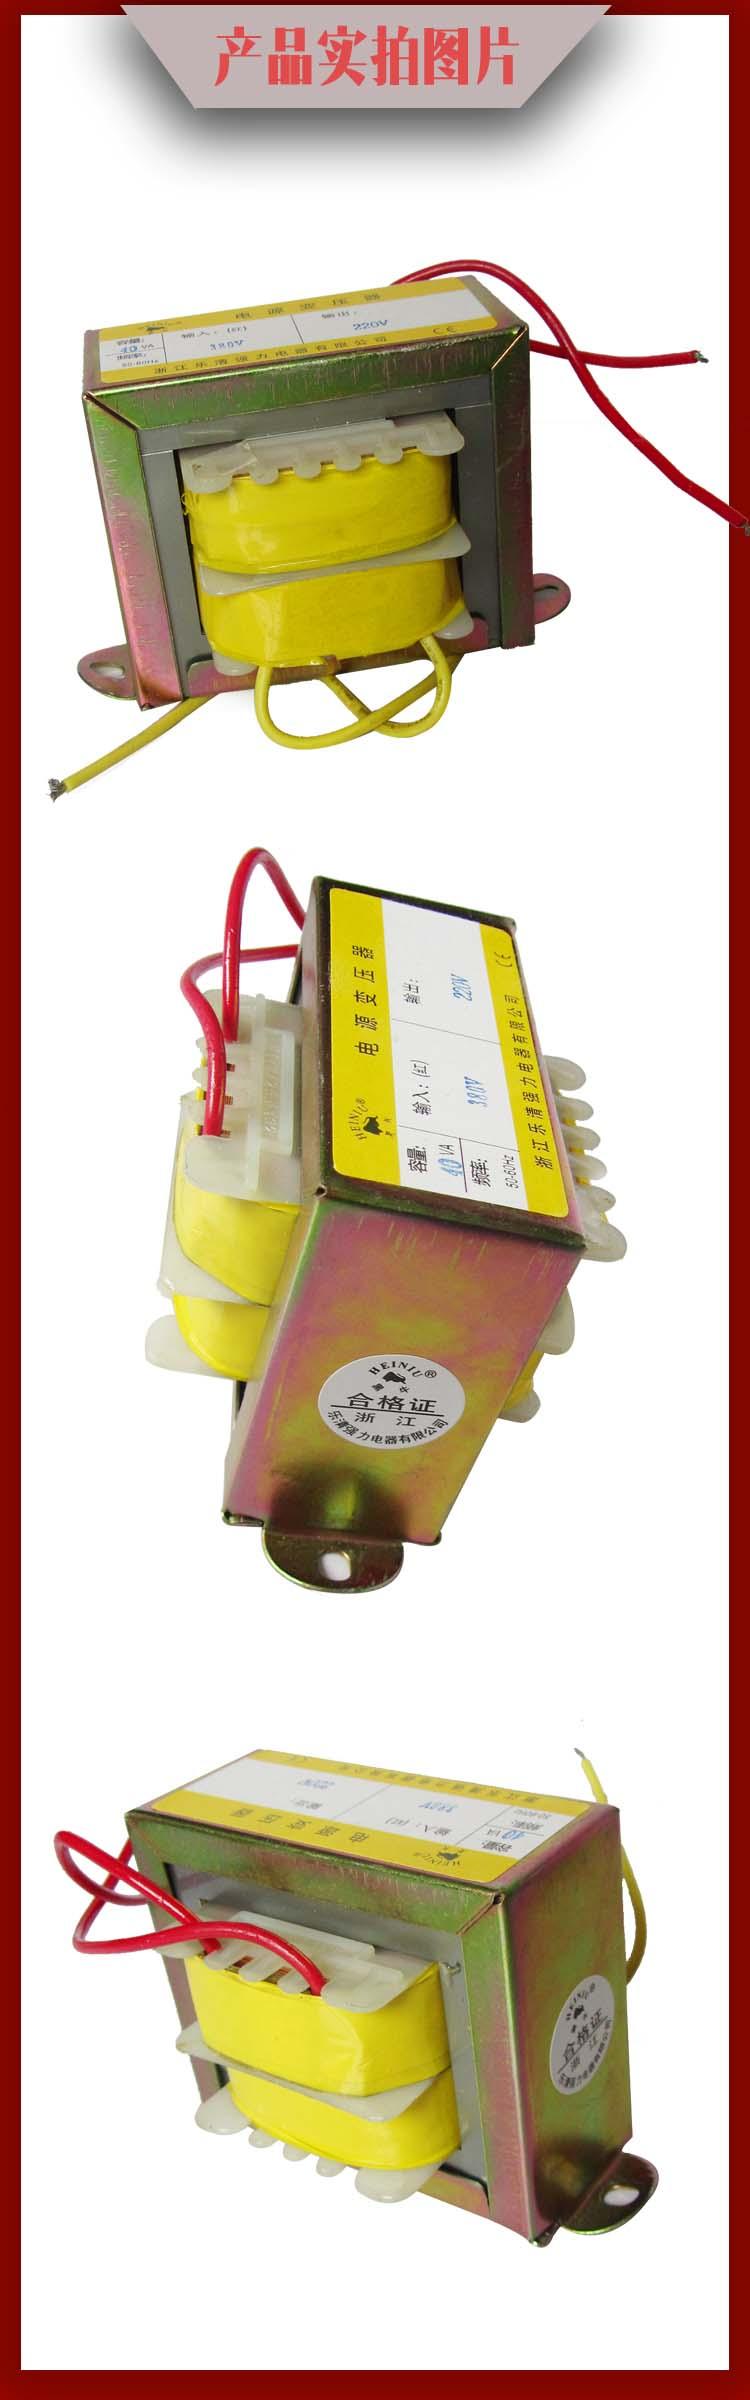 小型电源变压器-8